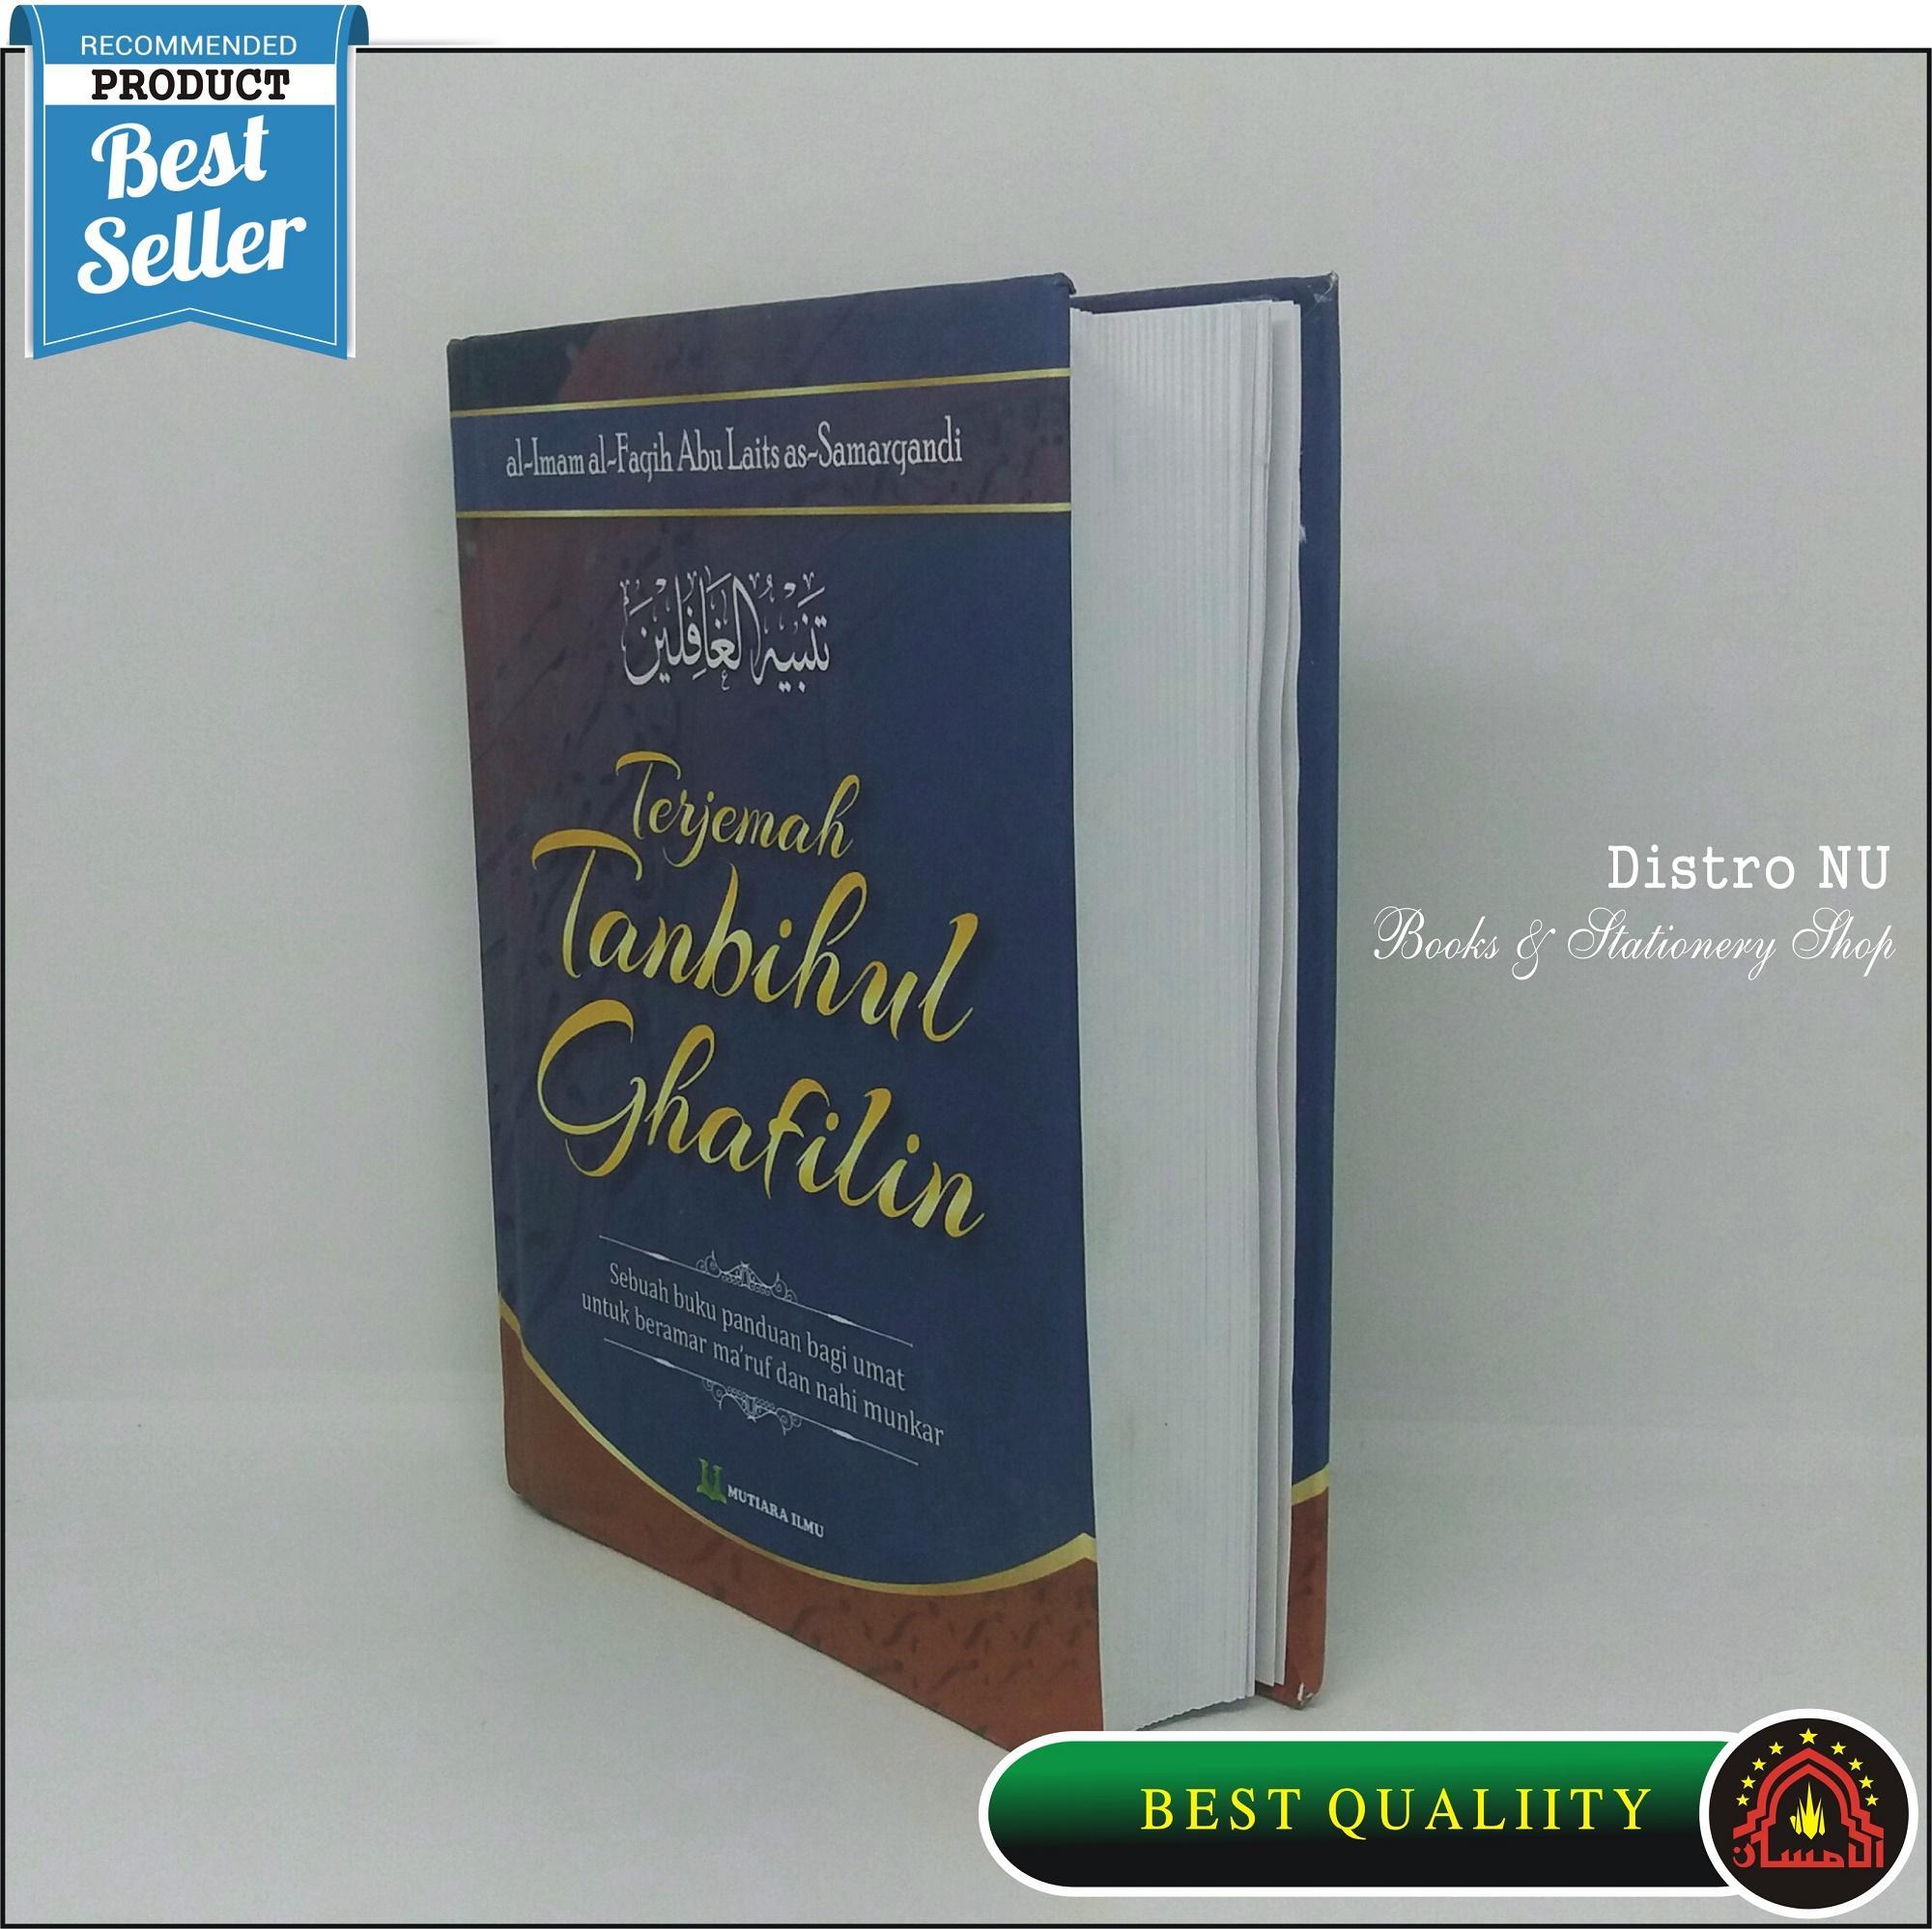 TERJEMAH TANBIHUL GHAFILIN MI SUPER / kitab tasawuf / filsafat / sufi / fikih / tauhid / nahwu / sorof / buku agama / daster / gamis / peci pria / sarung bhs / sarung atlas / songkok / peci sufi / songkok sufi / alfiyah / buku agama / agenda / diary bagus